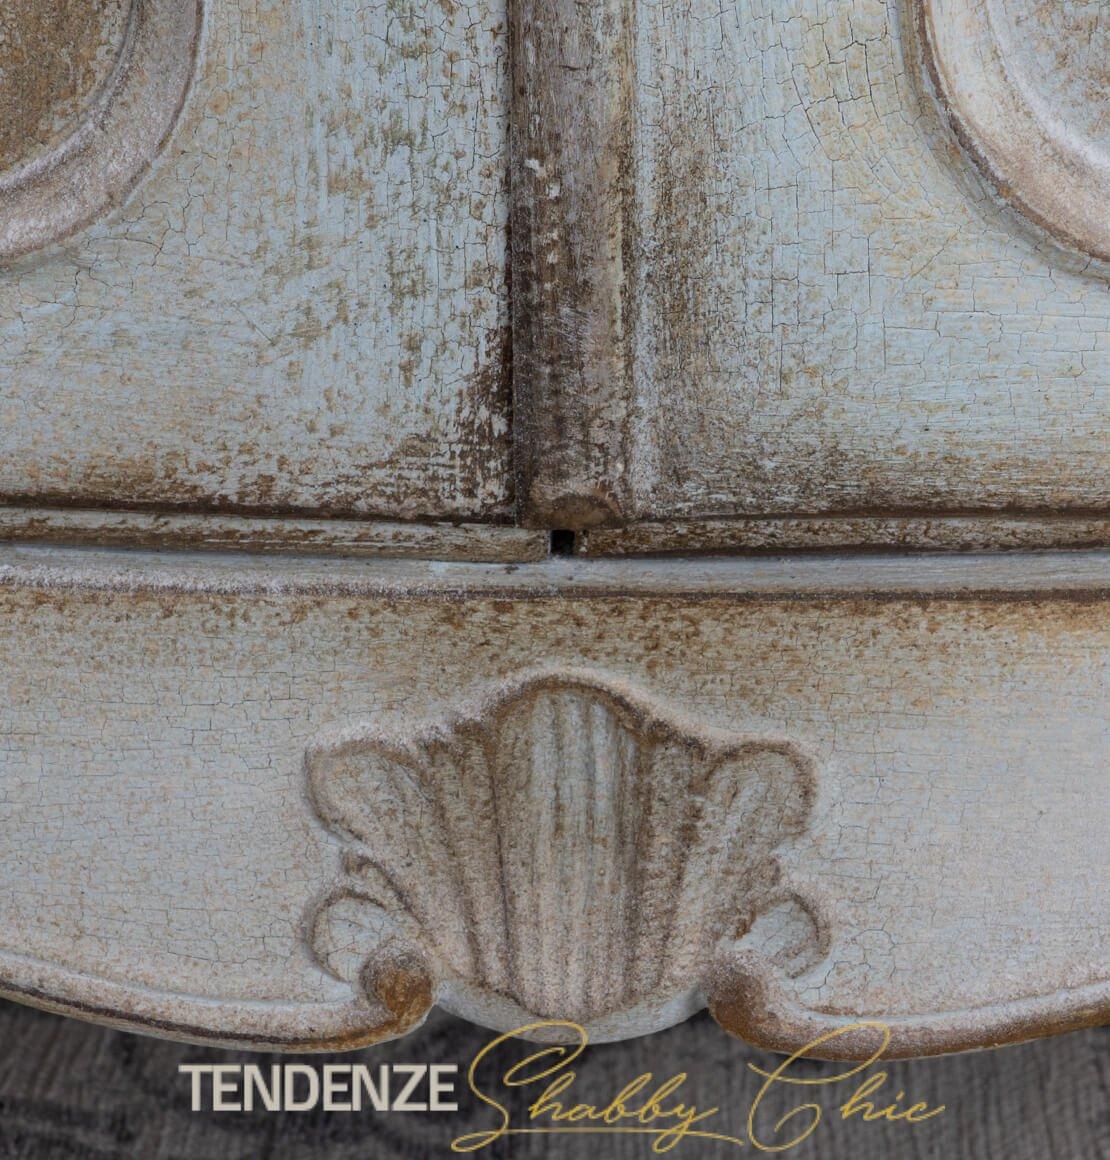 Credenza in stile provenzale tempera antica H 200 cm ...